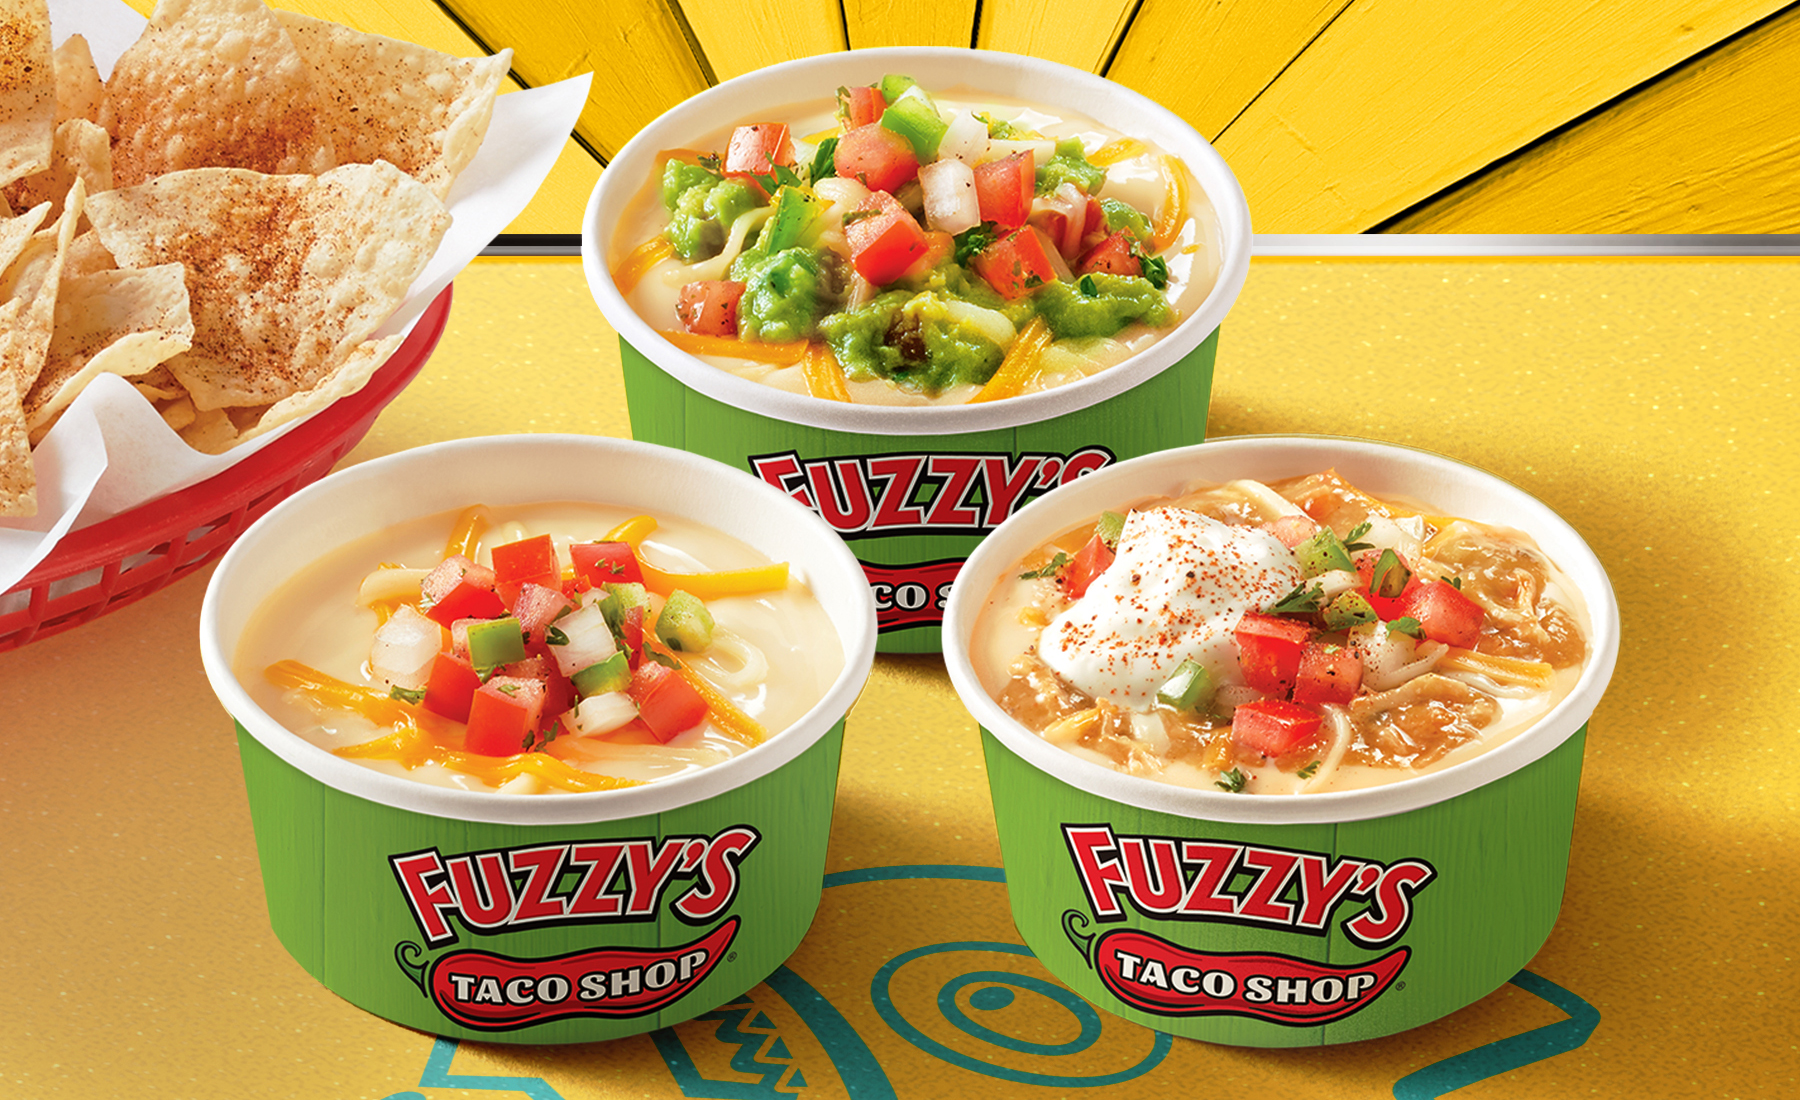 Fuzzy's